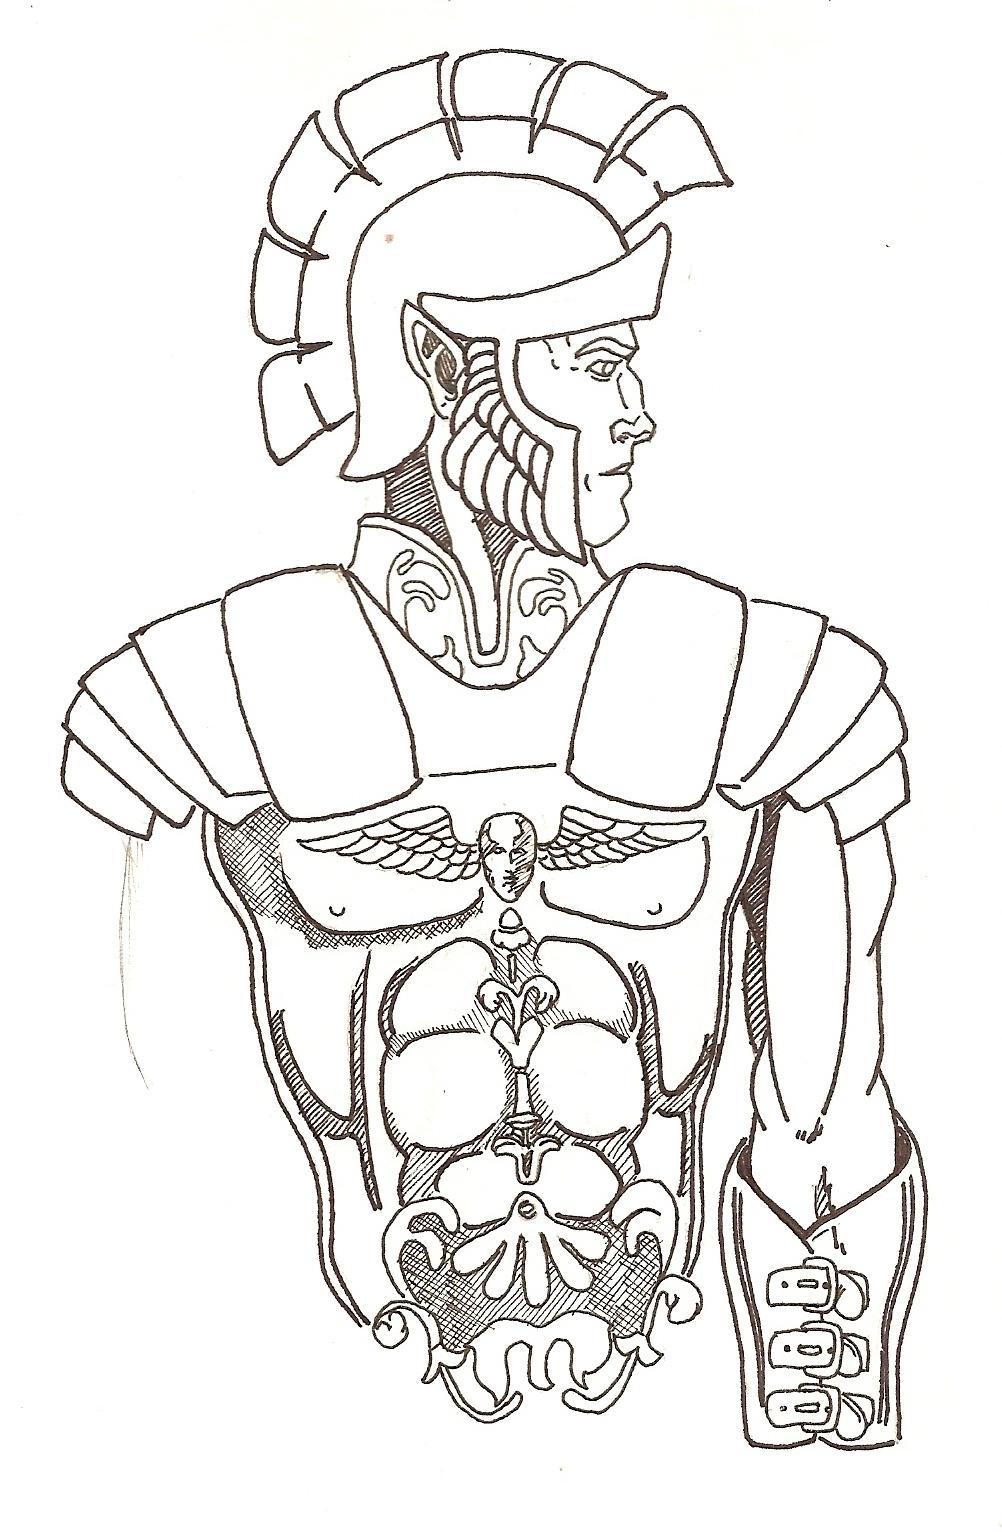 Elf Roman Armor Sketch By HeilHauser On DeviantArt